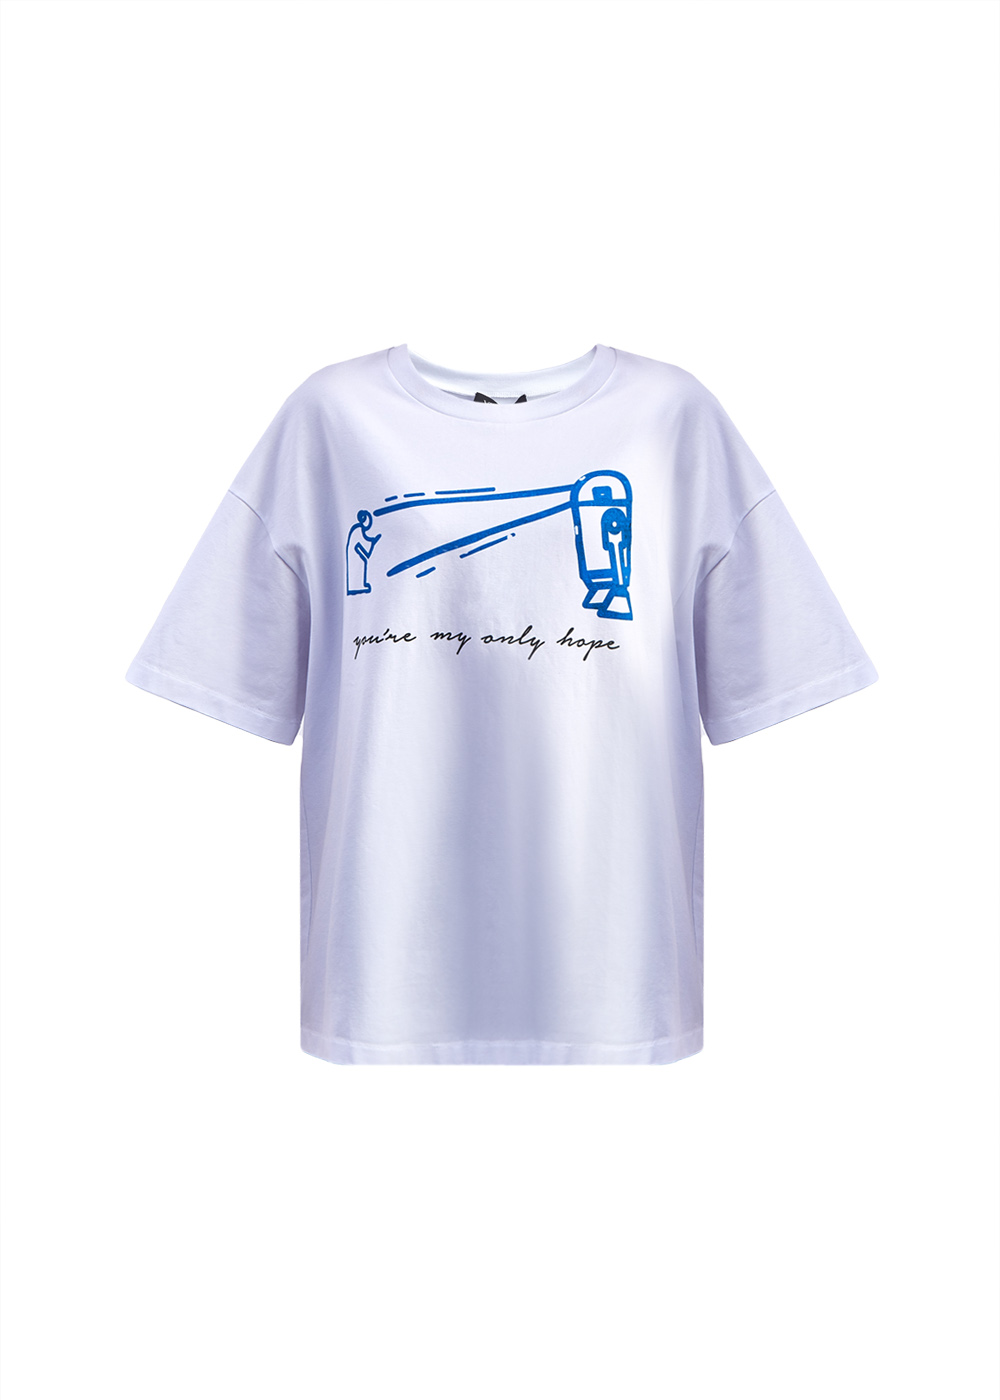 Купить Viva Vox футболка